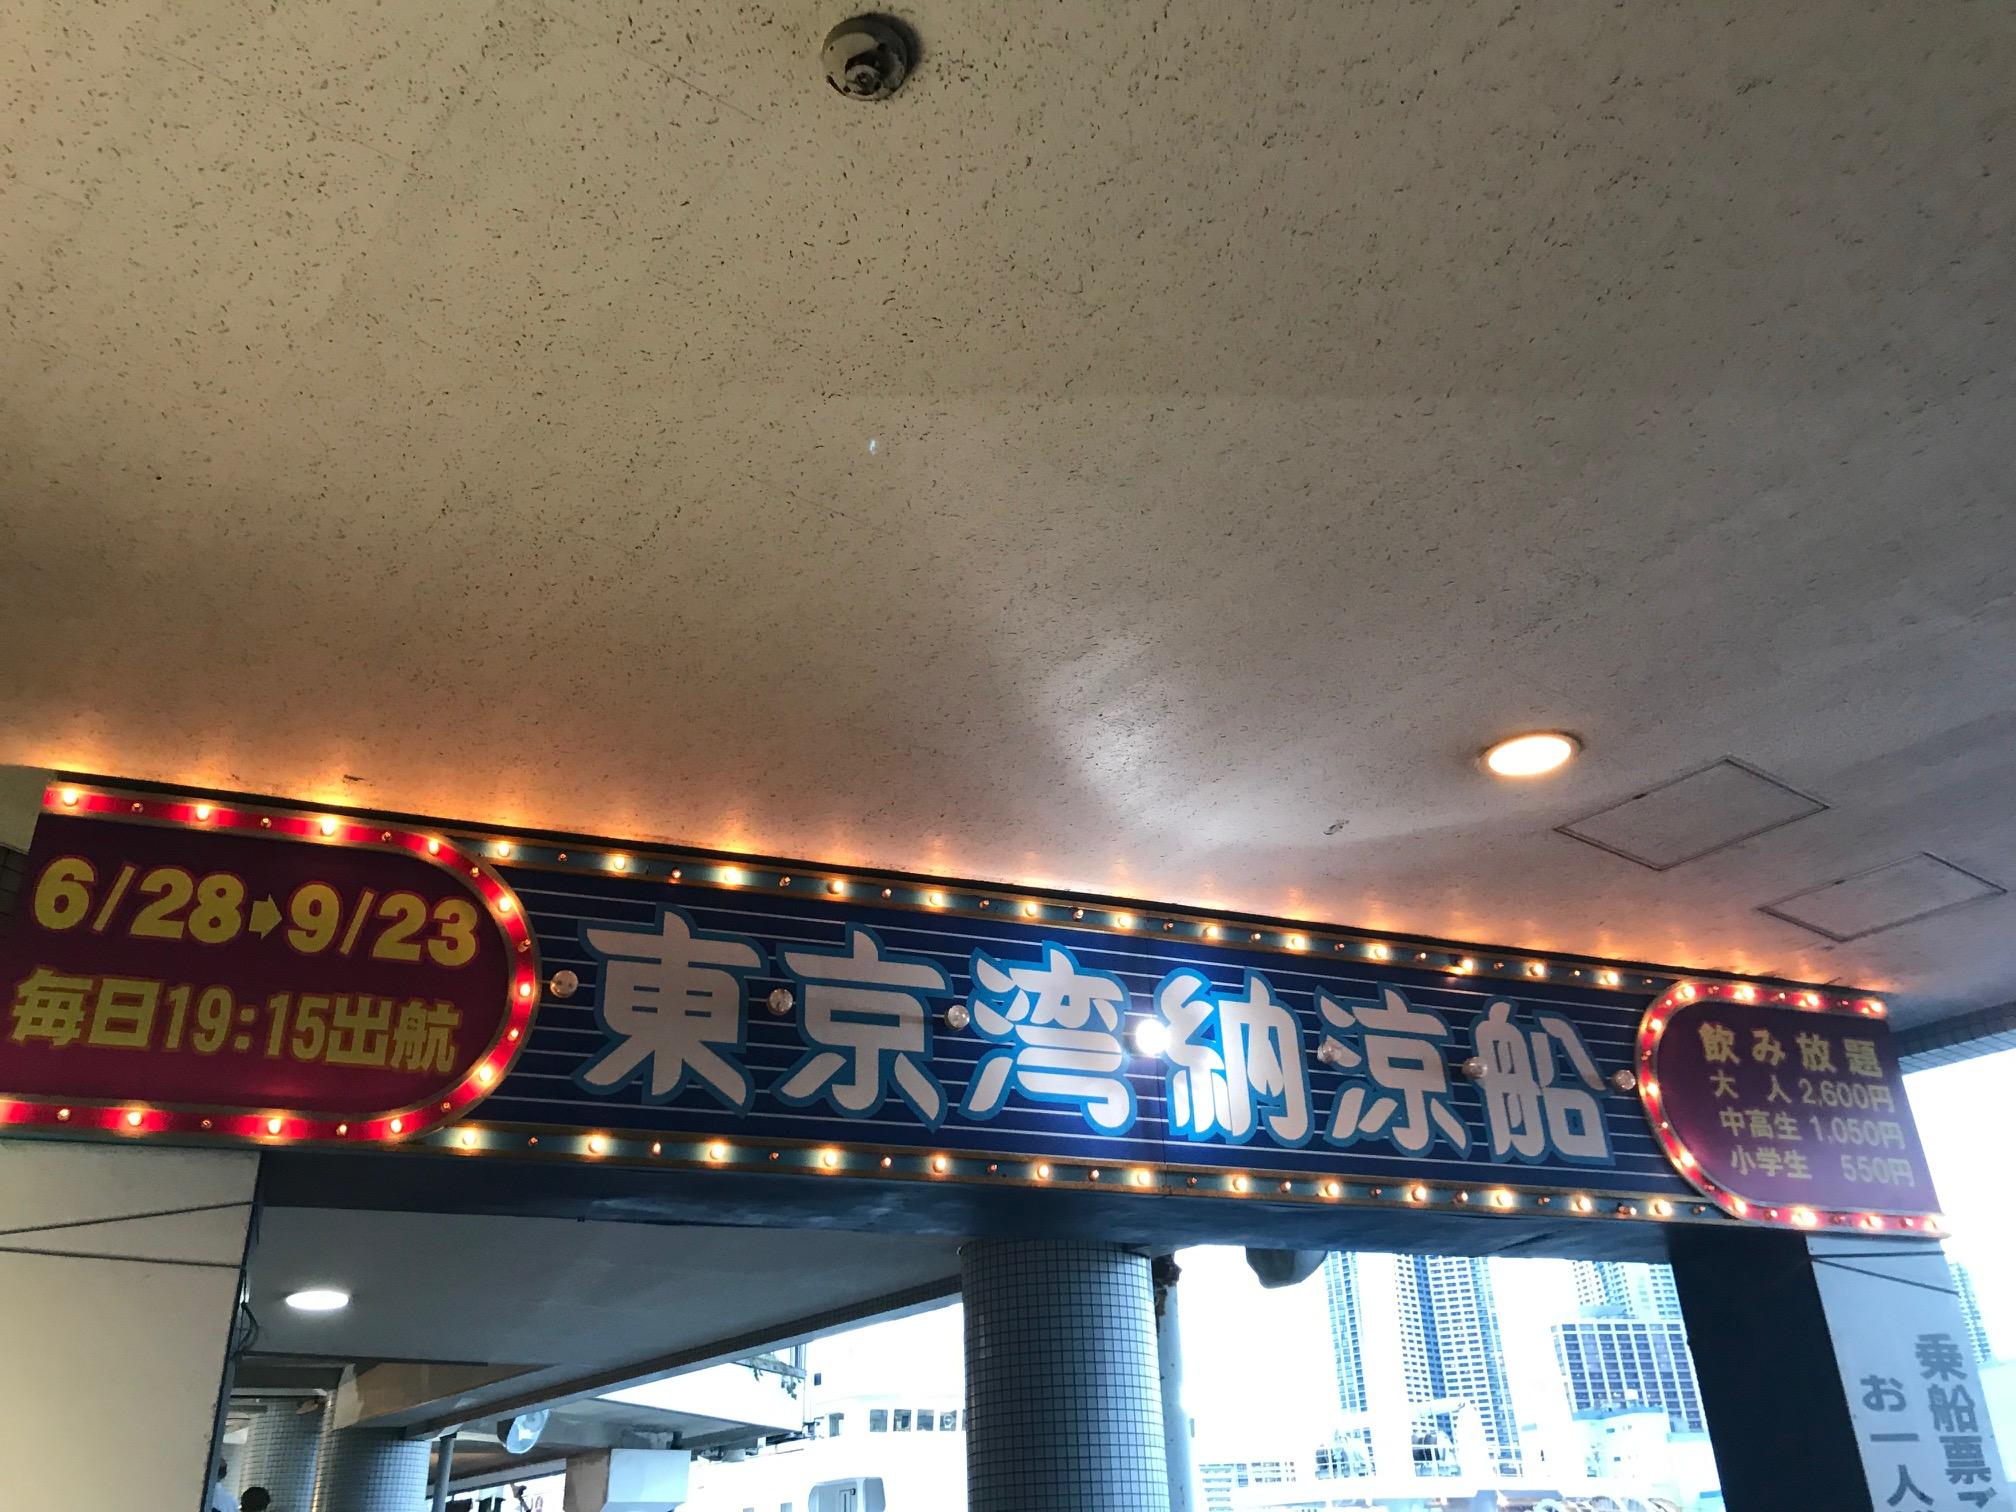 【東京湾納涼船】浴衣とビールと夜景クルーズ!_3